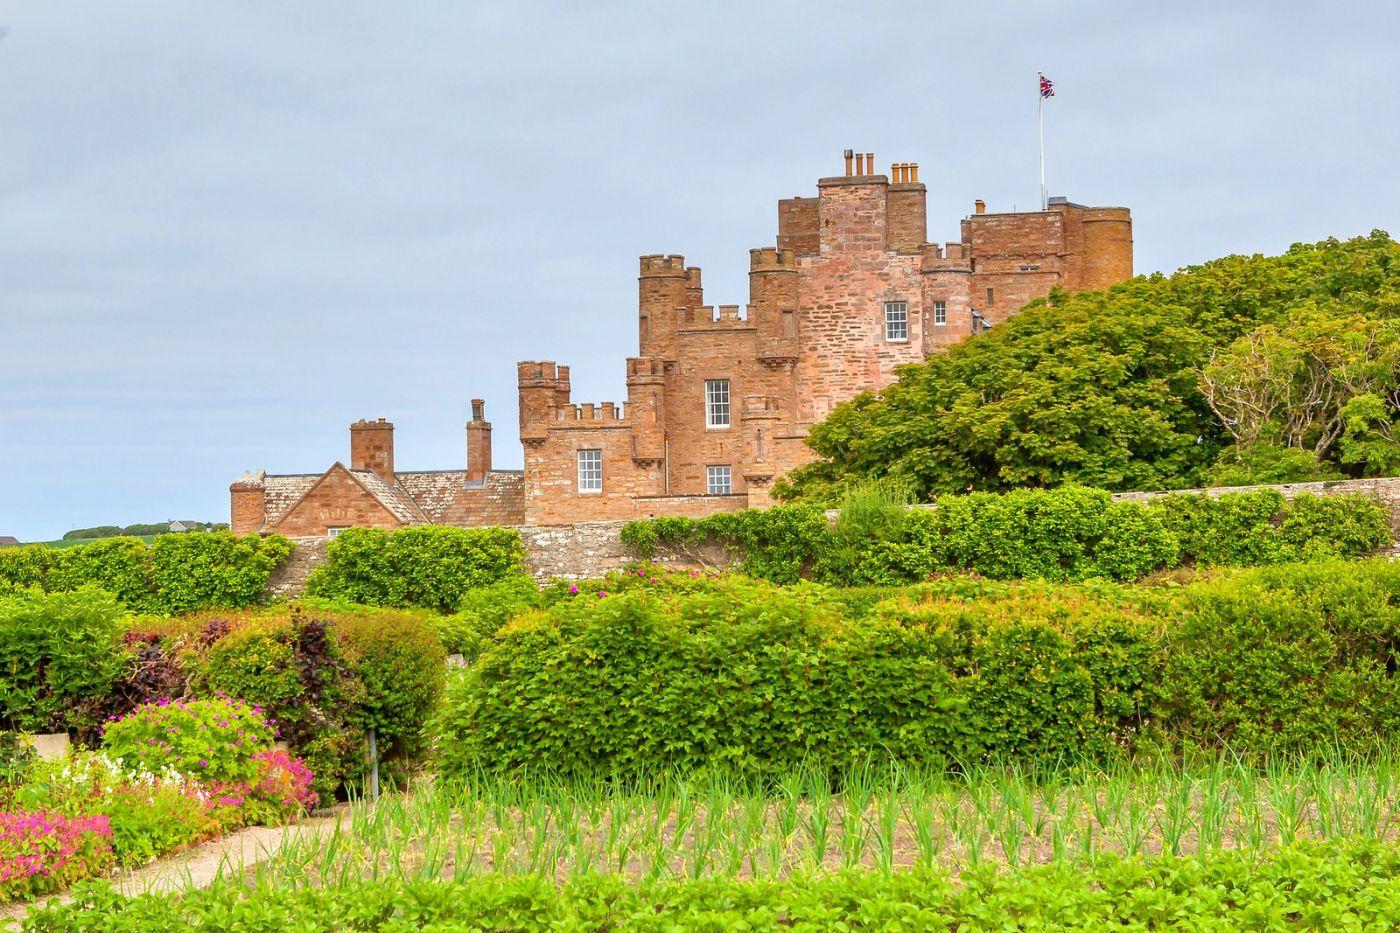 苏格兰梅城堡(Castle of Mey),五百年历史_图1-33